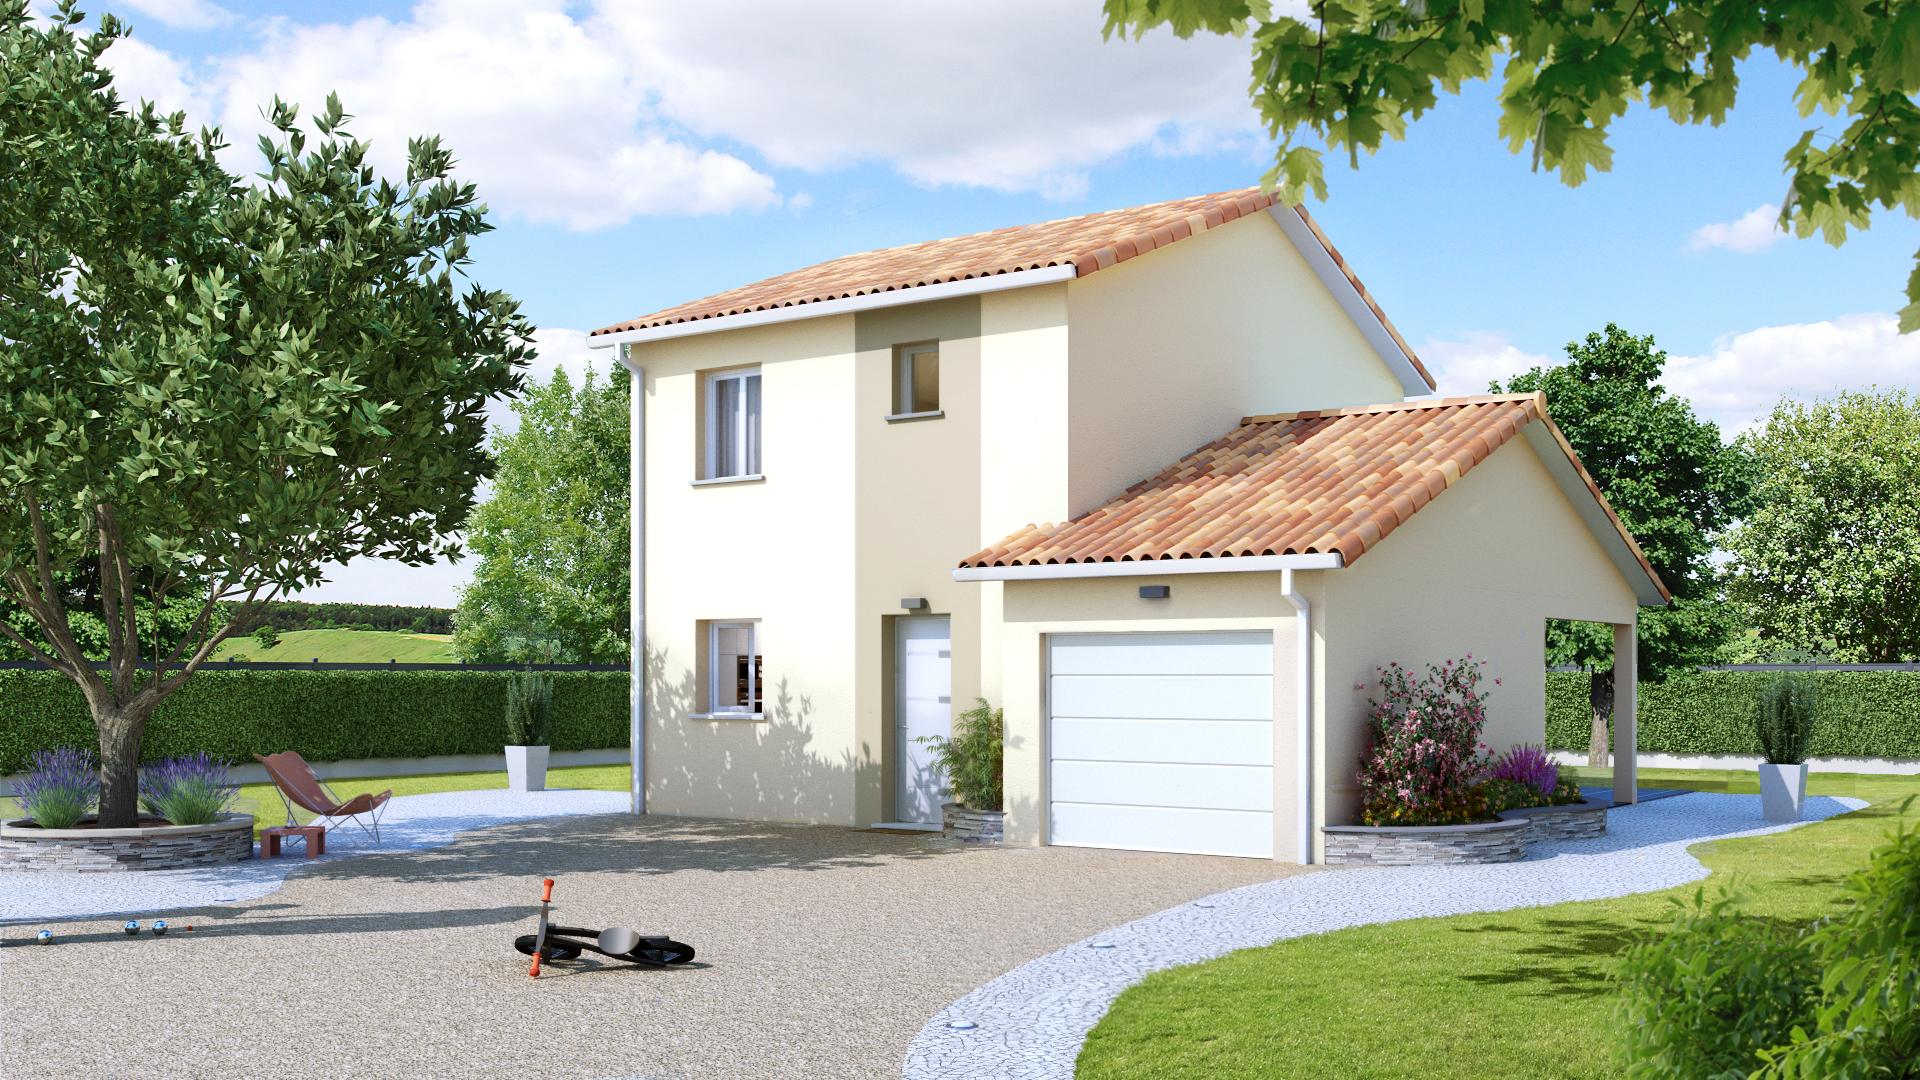 Annonce vente maison montr al la cluse 01460 89 m for Assurance maison montreal